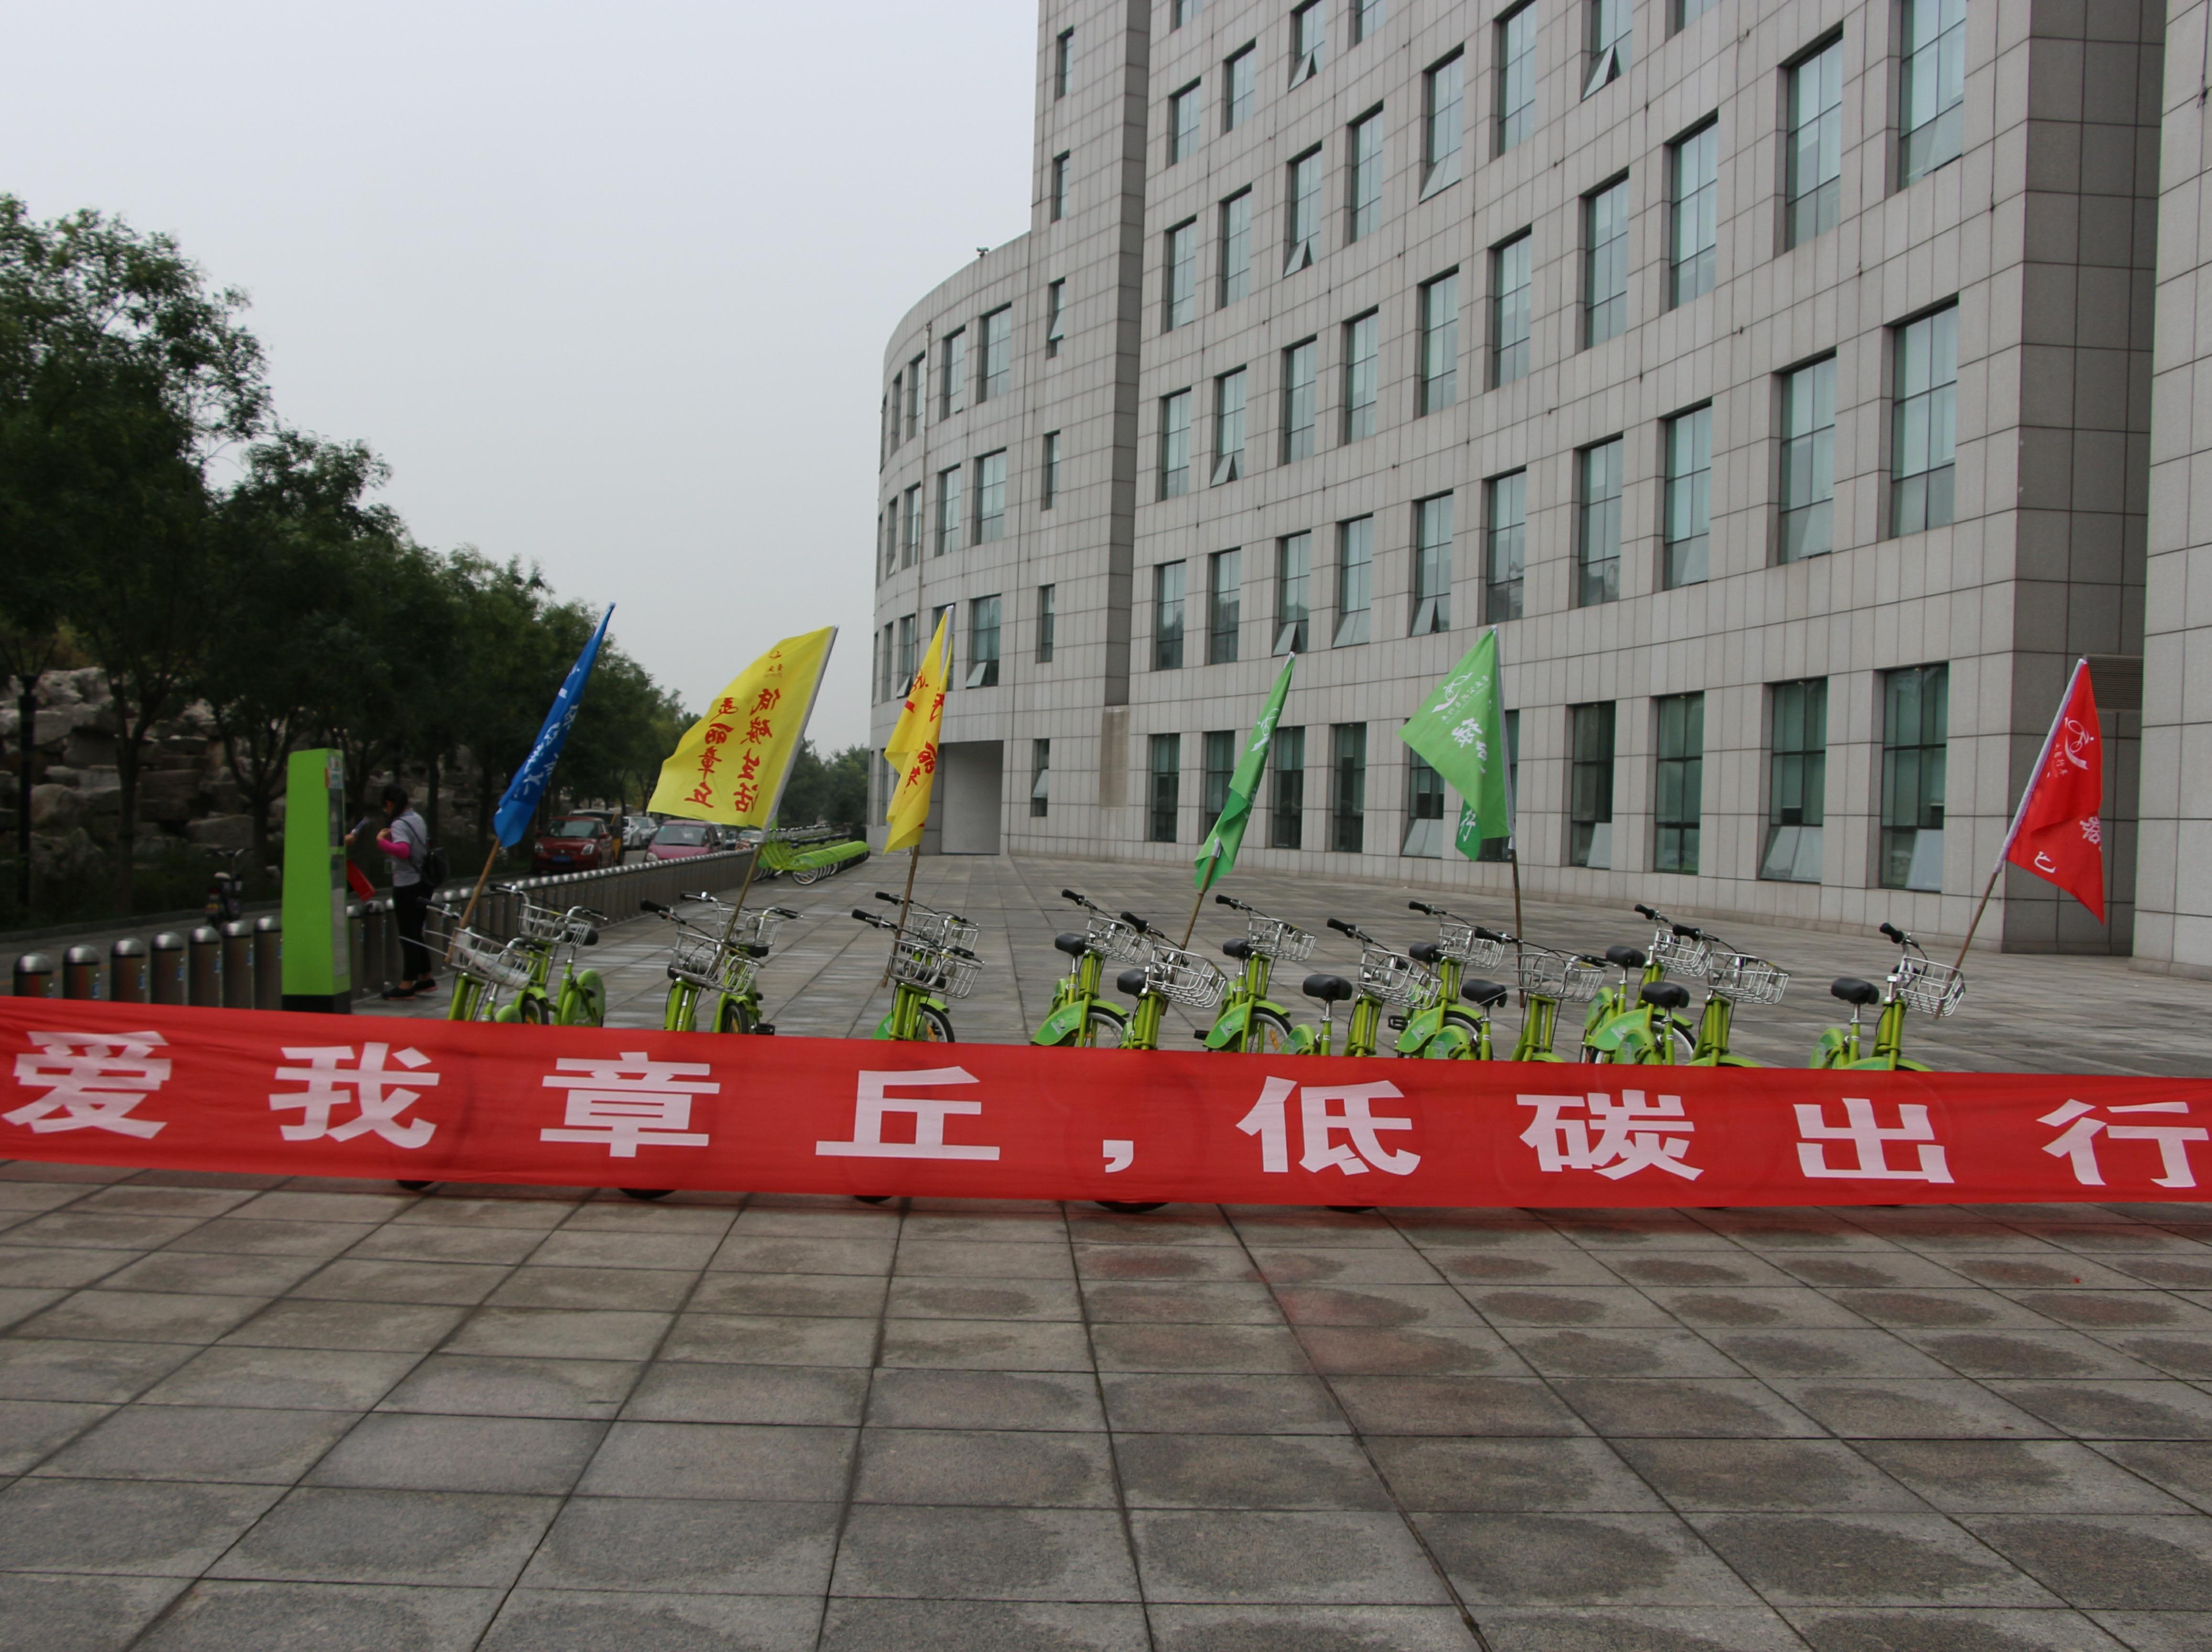 庆祝章丘公共自行车运营三周年骑行活动